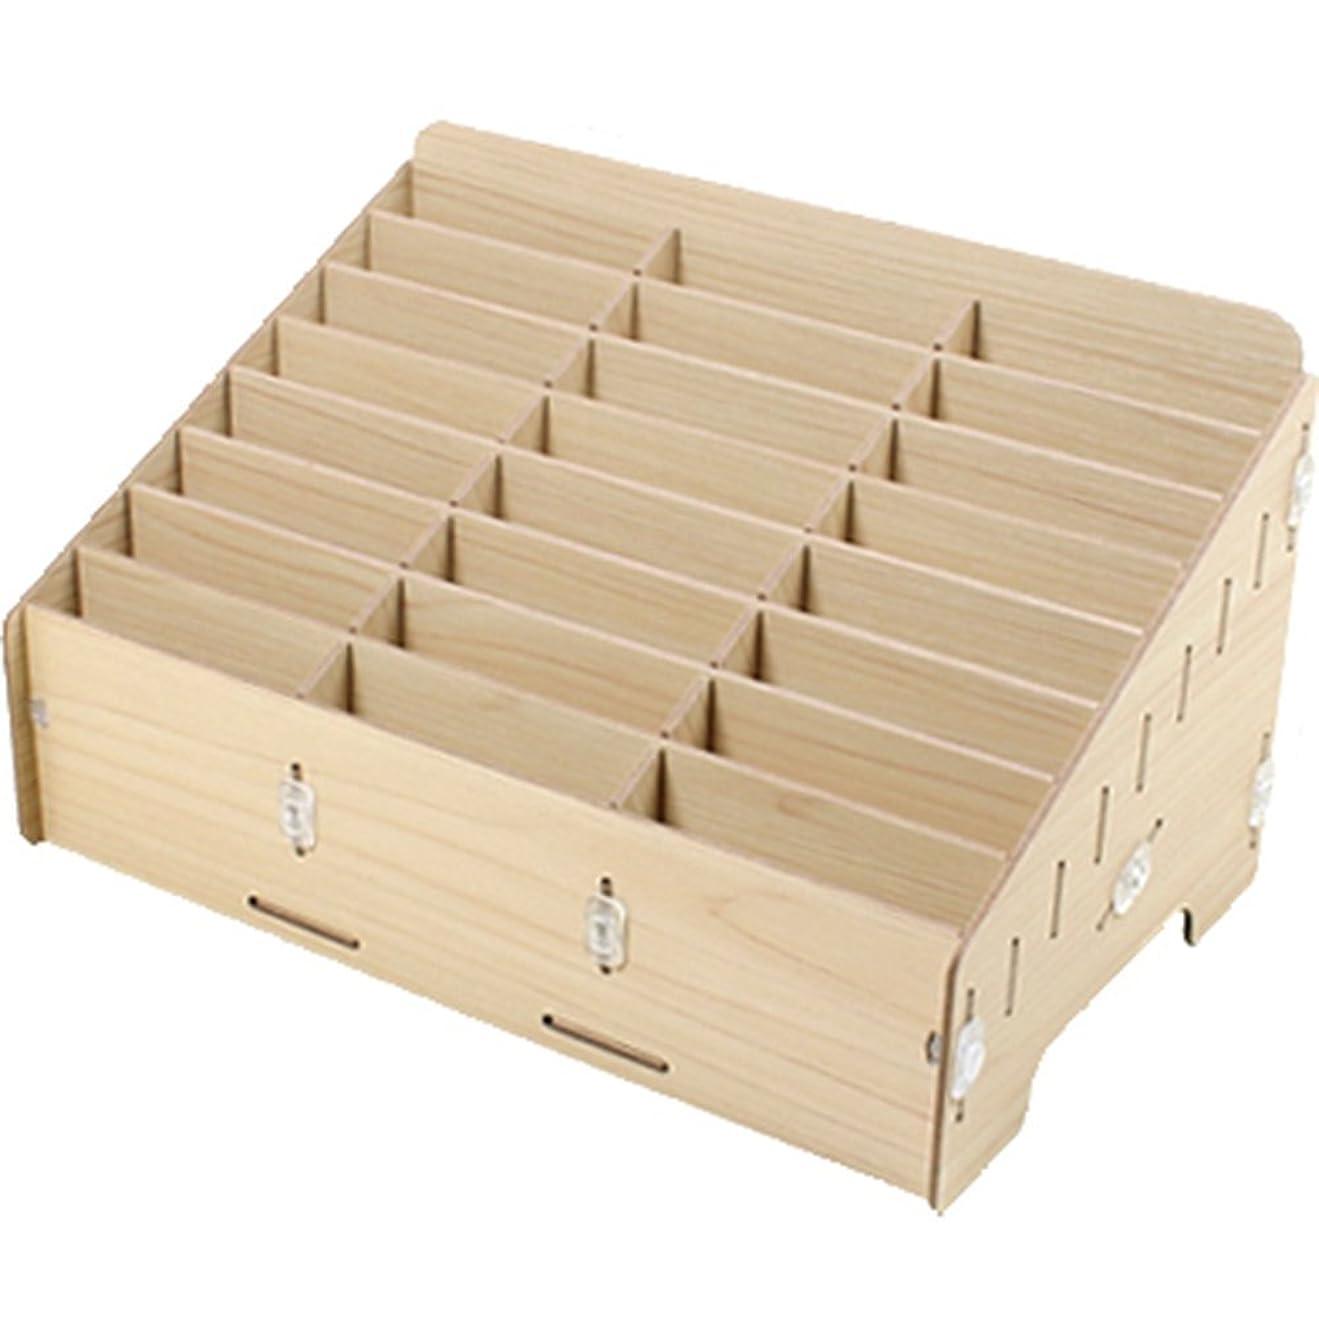 幻想的セールスマンとげUmora 収納ボックス 多機能 携帯電話 収納ポケット オフィス用 教室用 木製 便利(24つの仕切り)